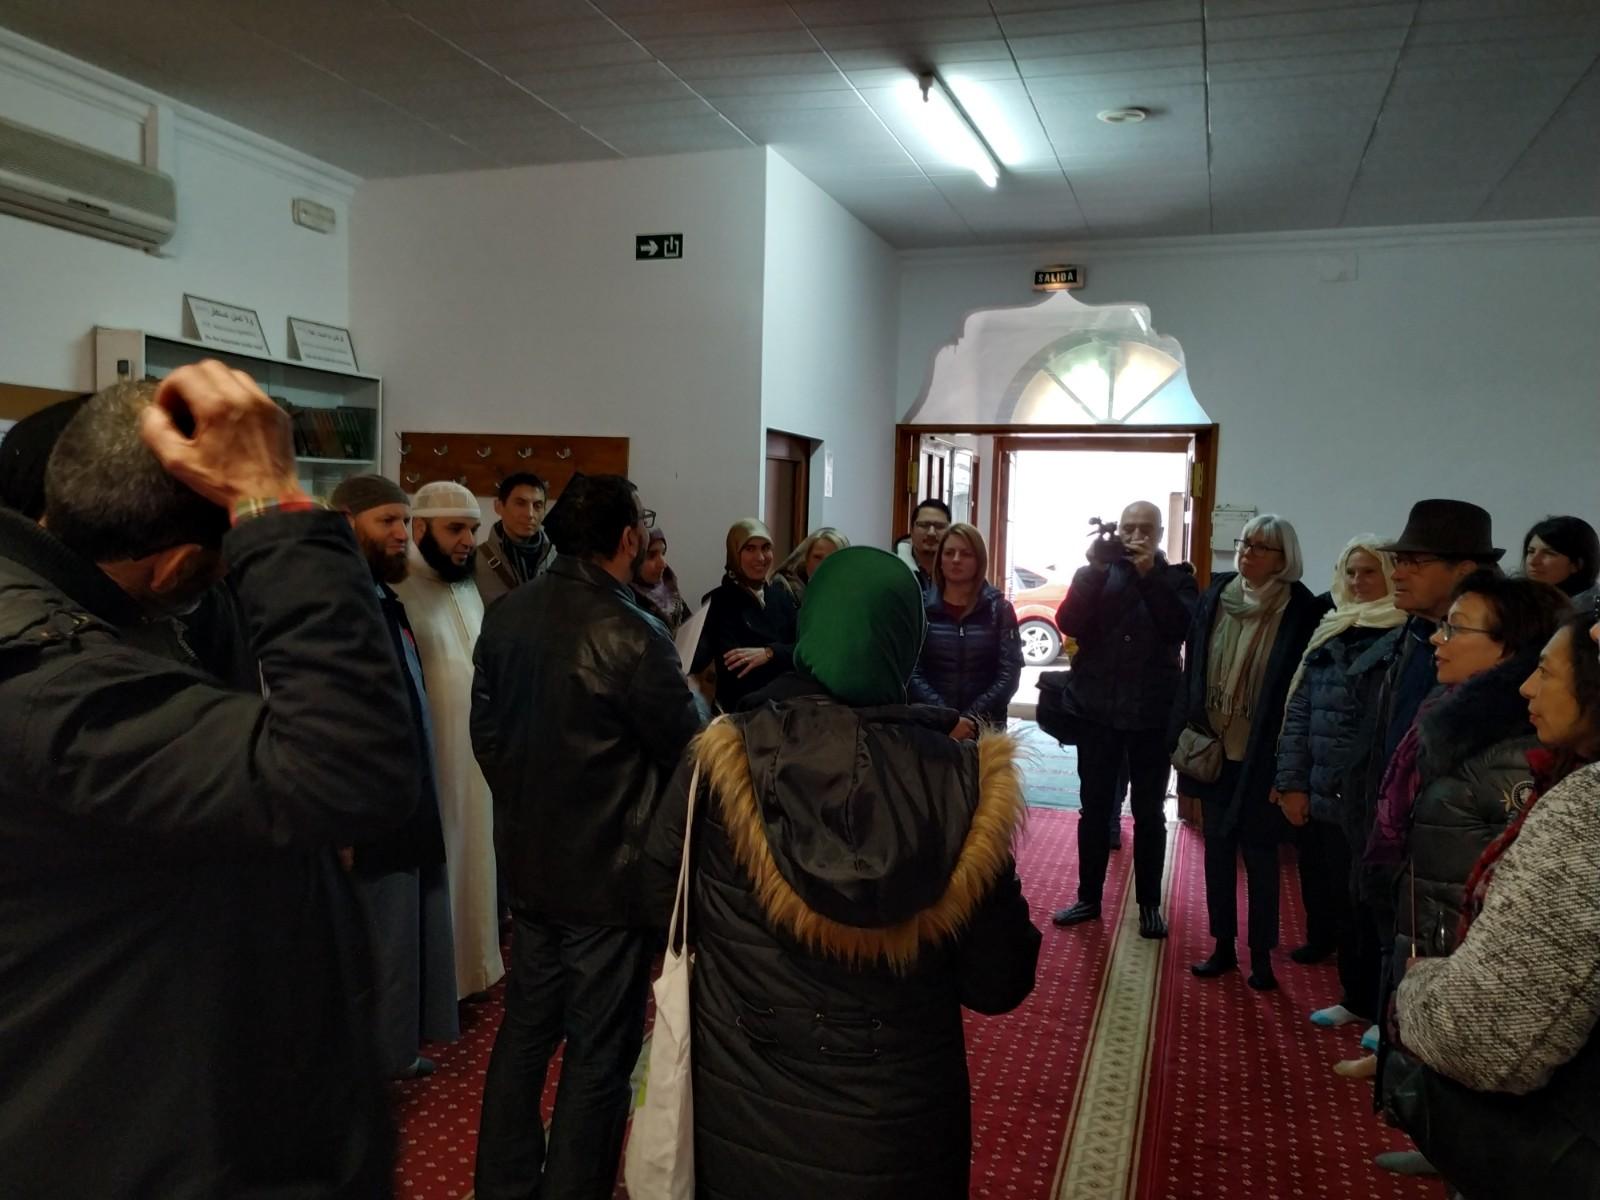 Diversitat i interculturalitat a Roses: cultures, religions i identitats. Portes obertes a la Mesquita Sunna